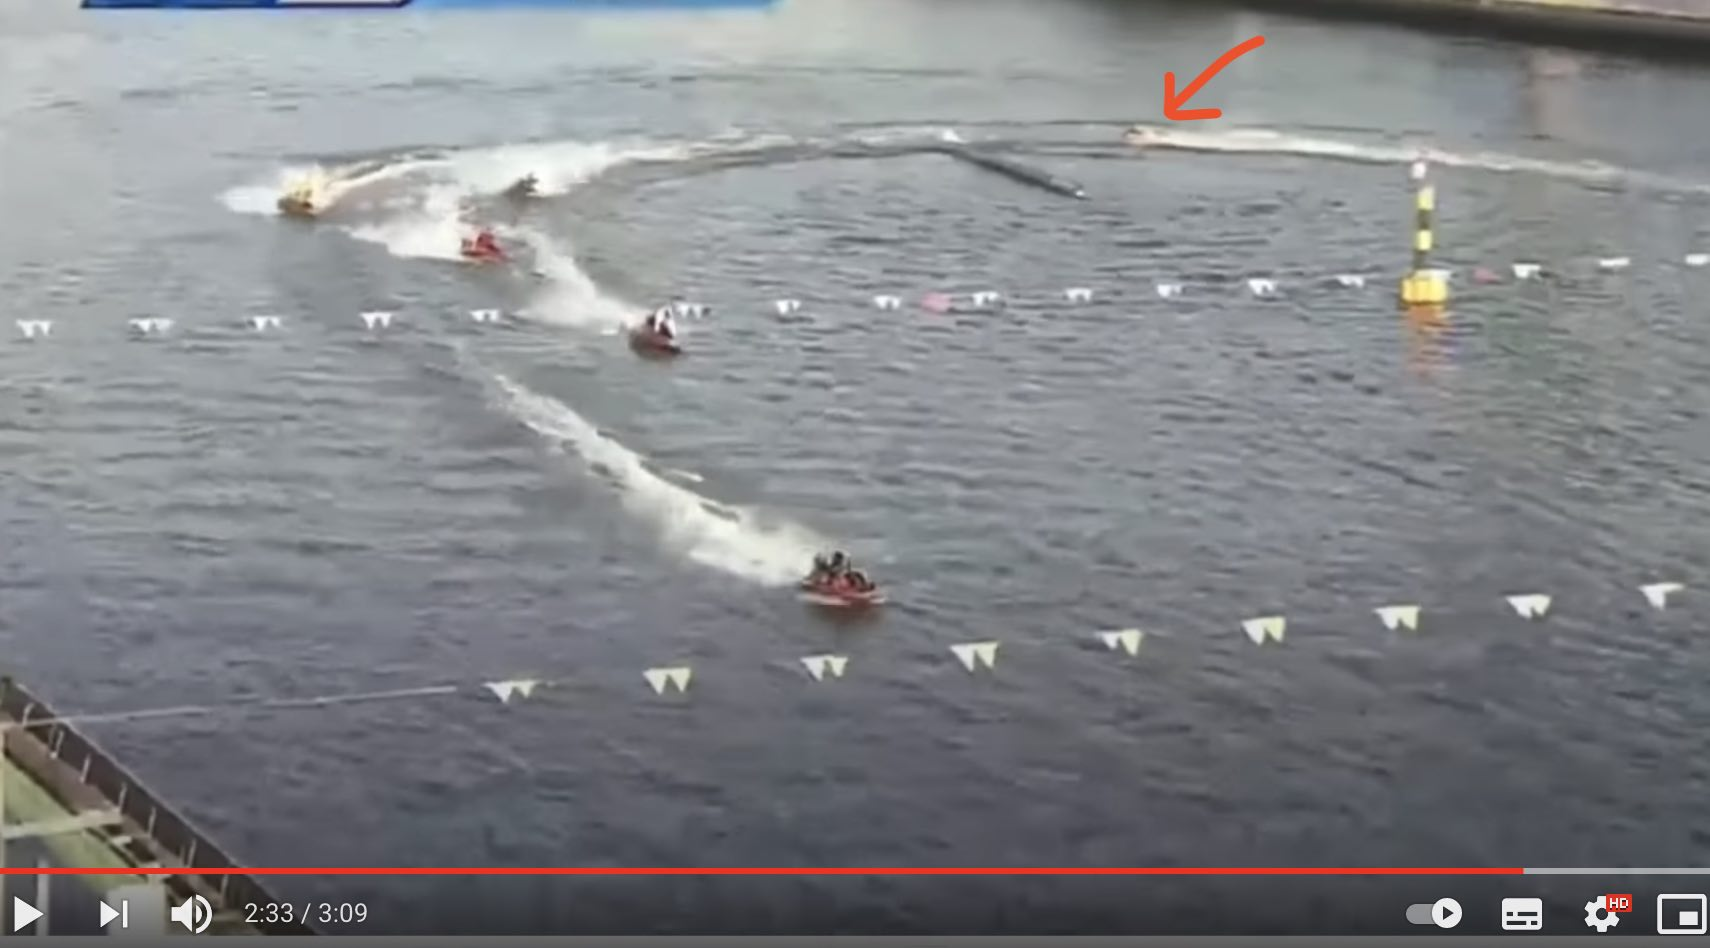 内山七海という女子競艇選手(ボートレーサー)のデビュー戦